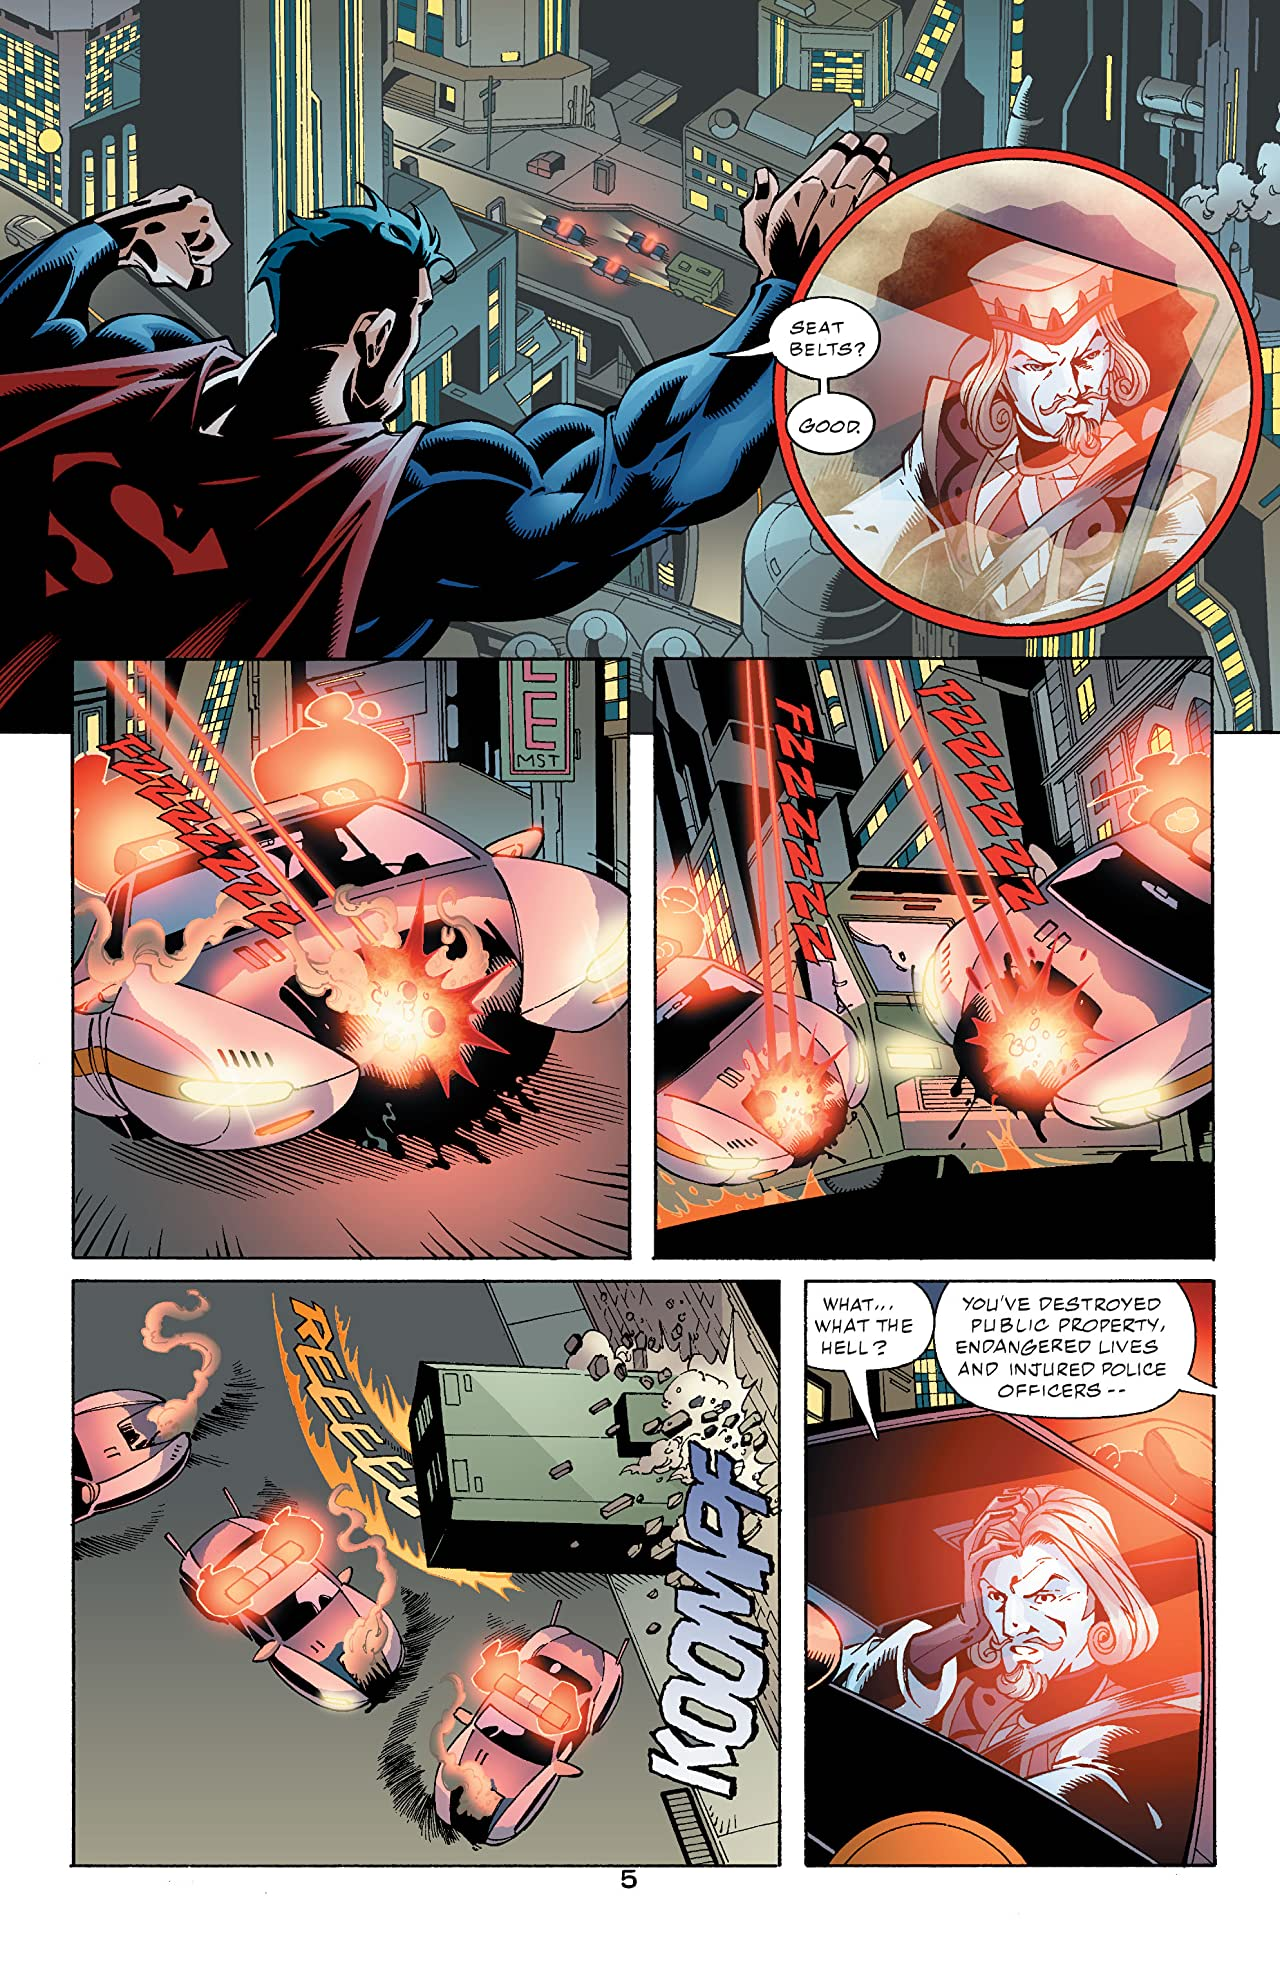 DC Comics Presents: Superman #1